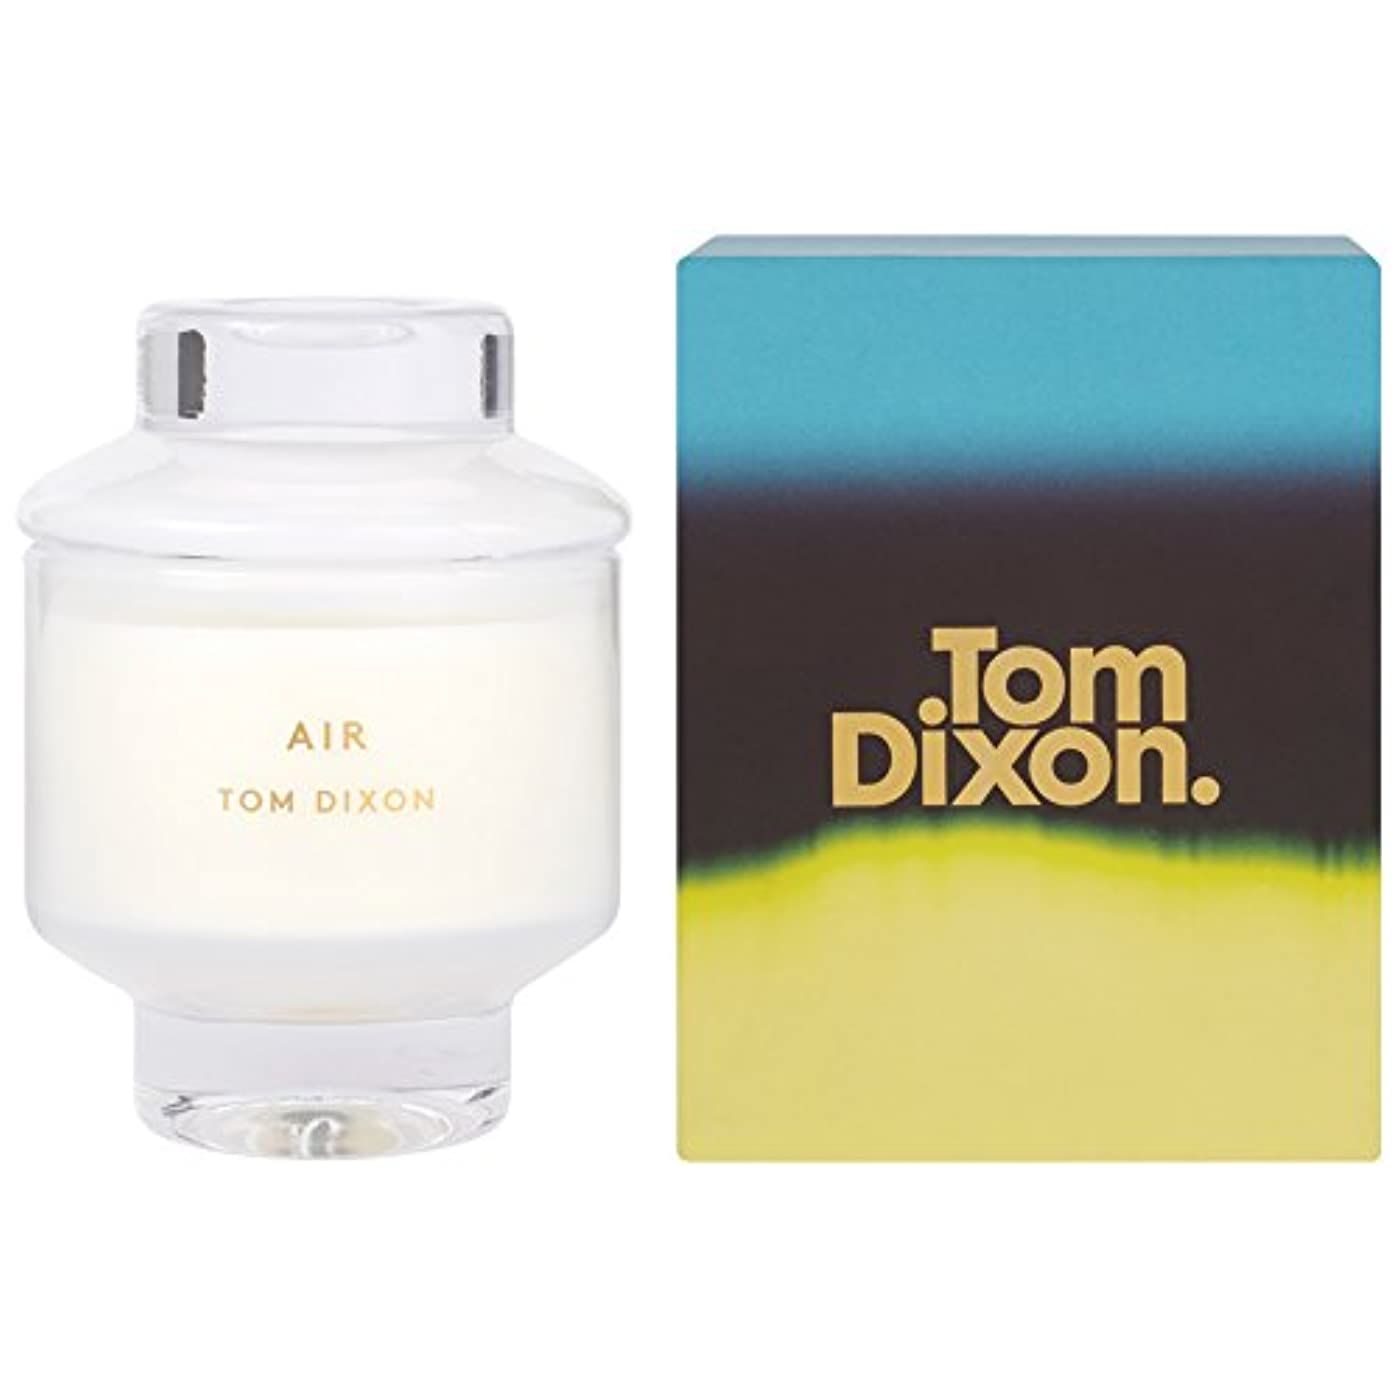 有料延期する忠実にTom Dixon Air Scented Candle Medium - トム?ディクソン空気の香りのキャンドル媒体 [並行輸入品]